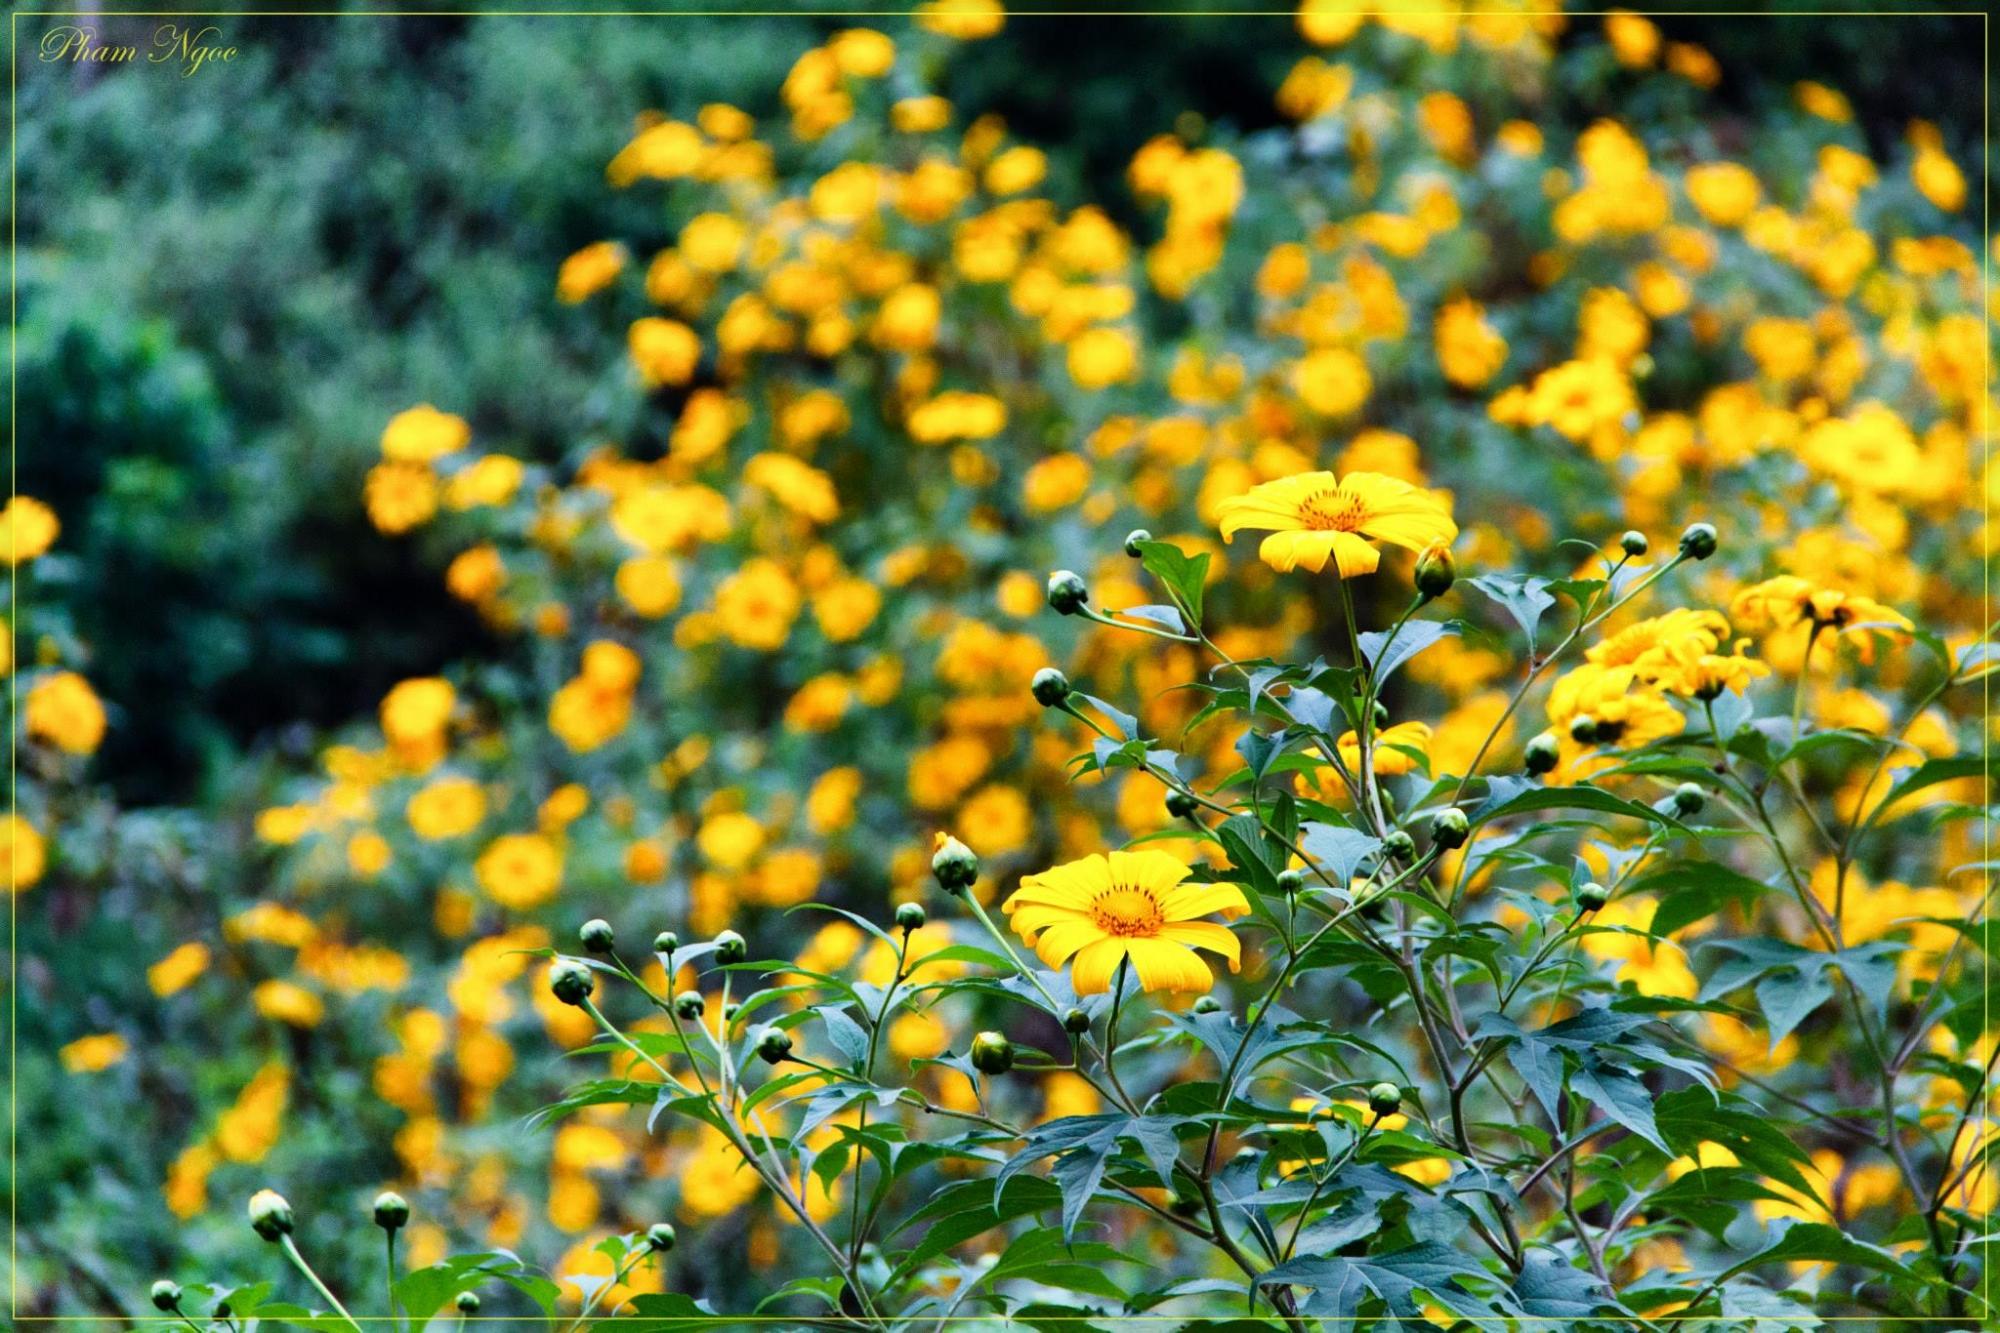 Rực rỡ sắc quỳ vàng trong buổi chớm Đông